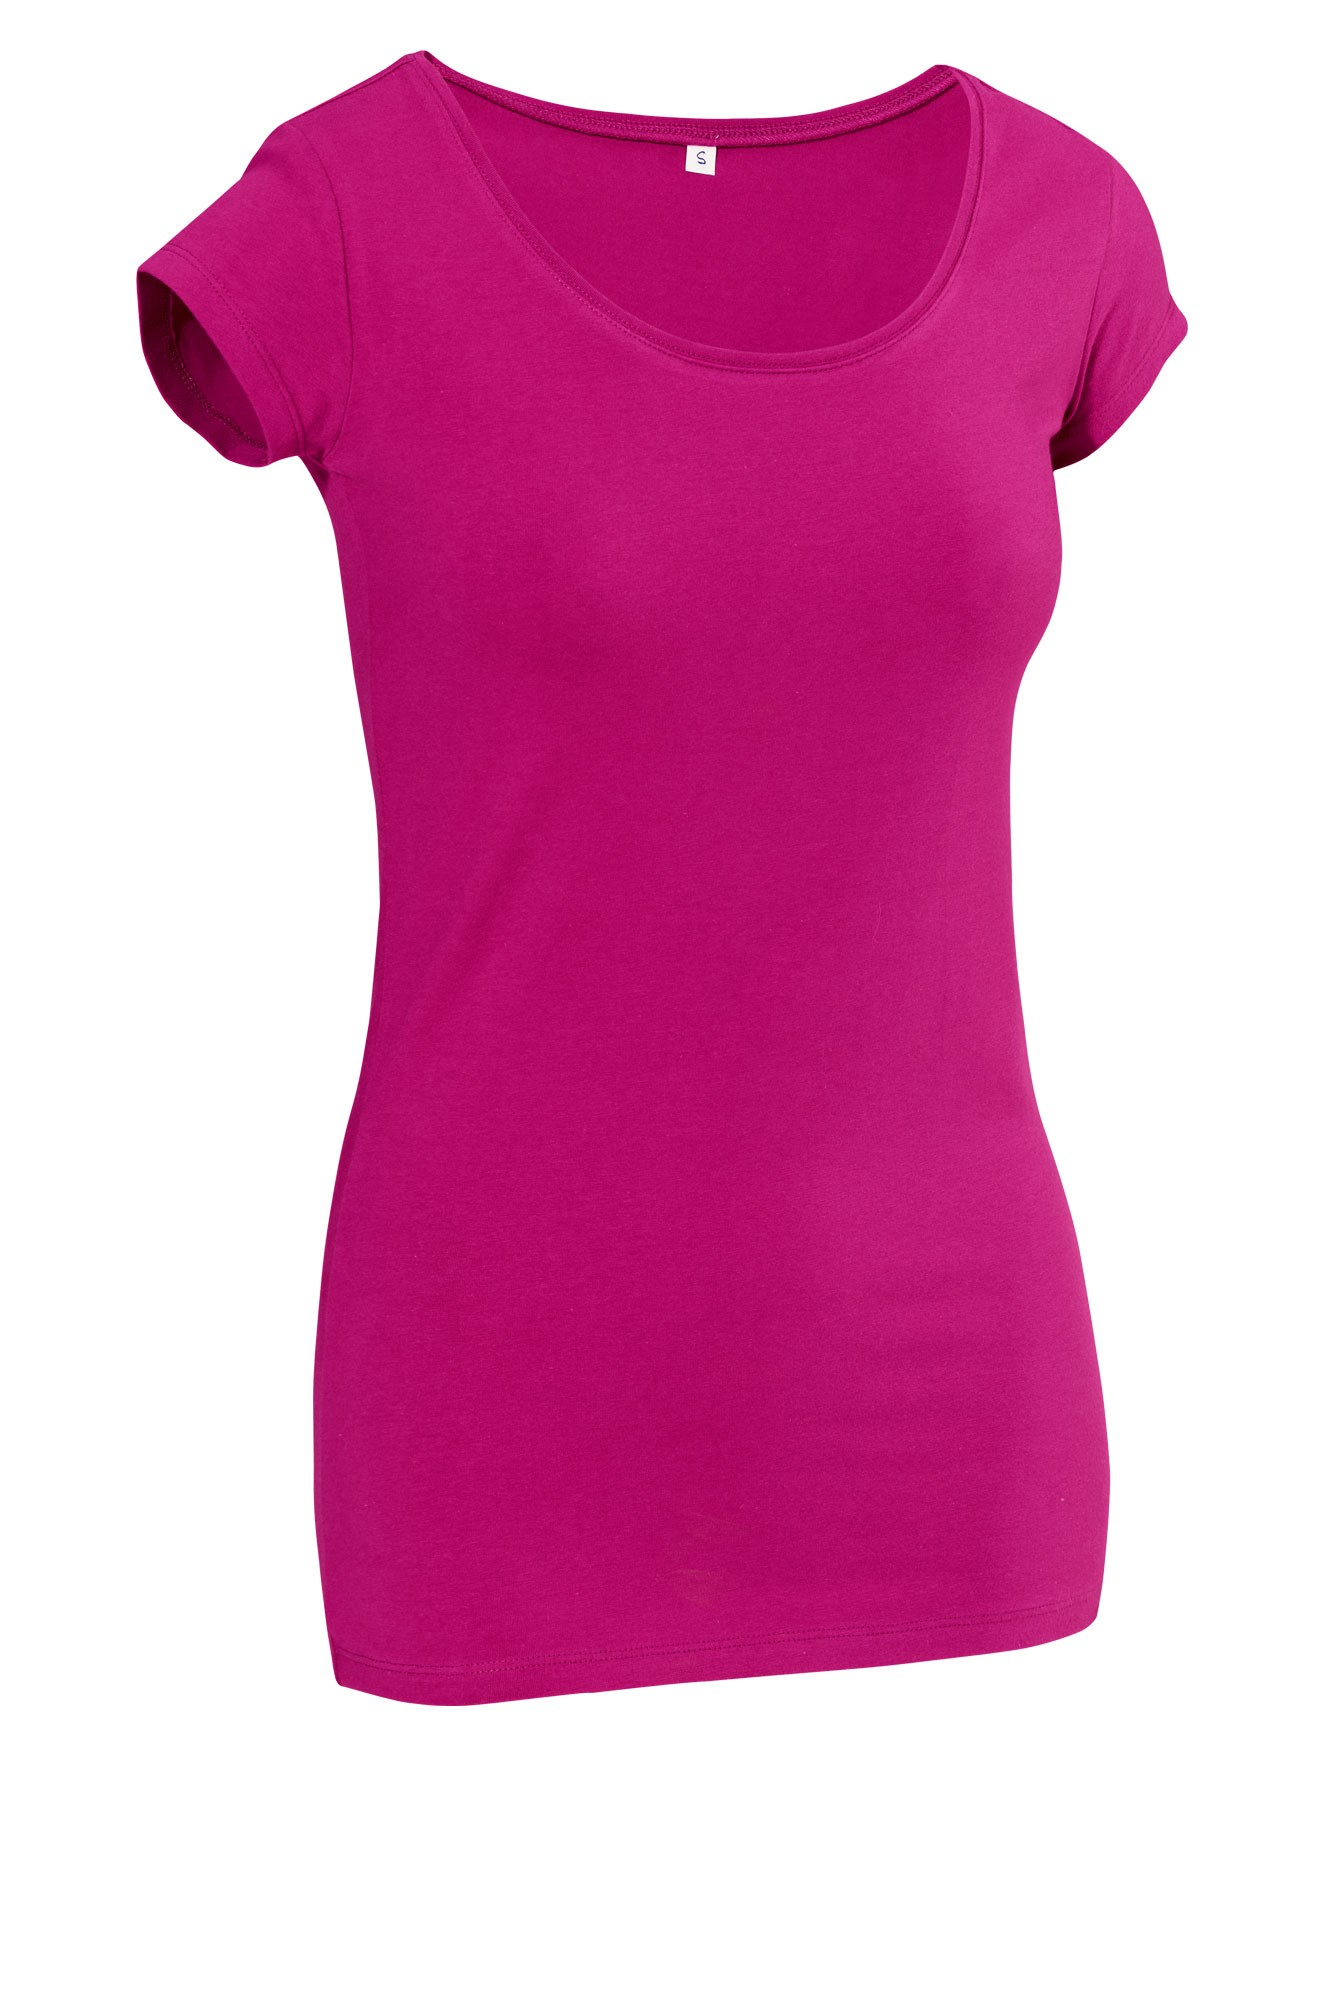 Dámské tričko Double - krátký rukáv/ostružinová